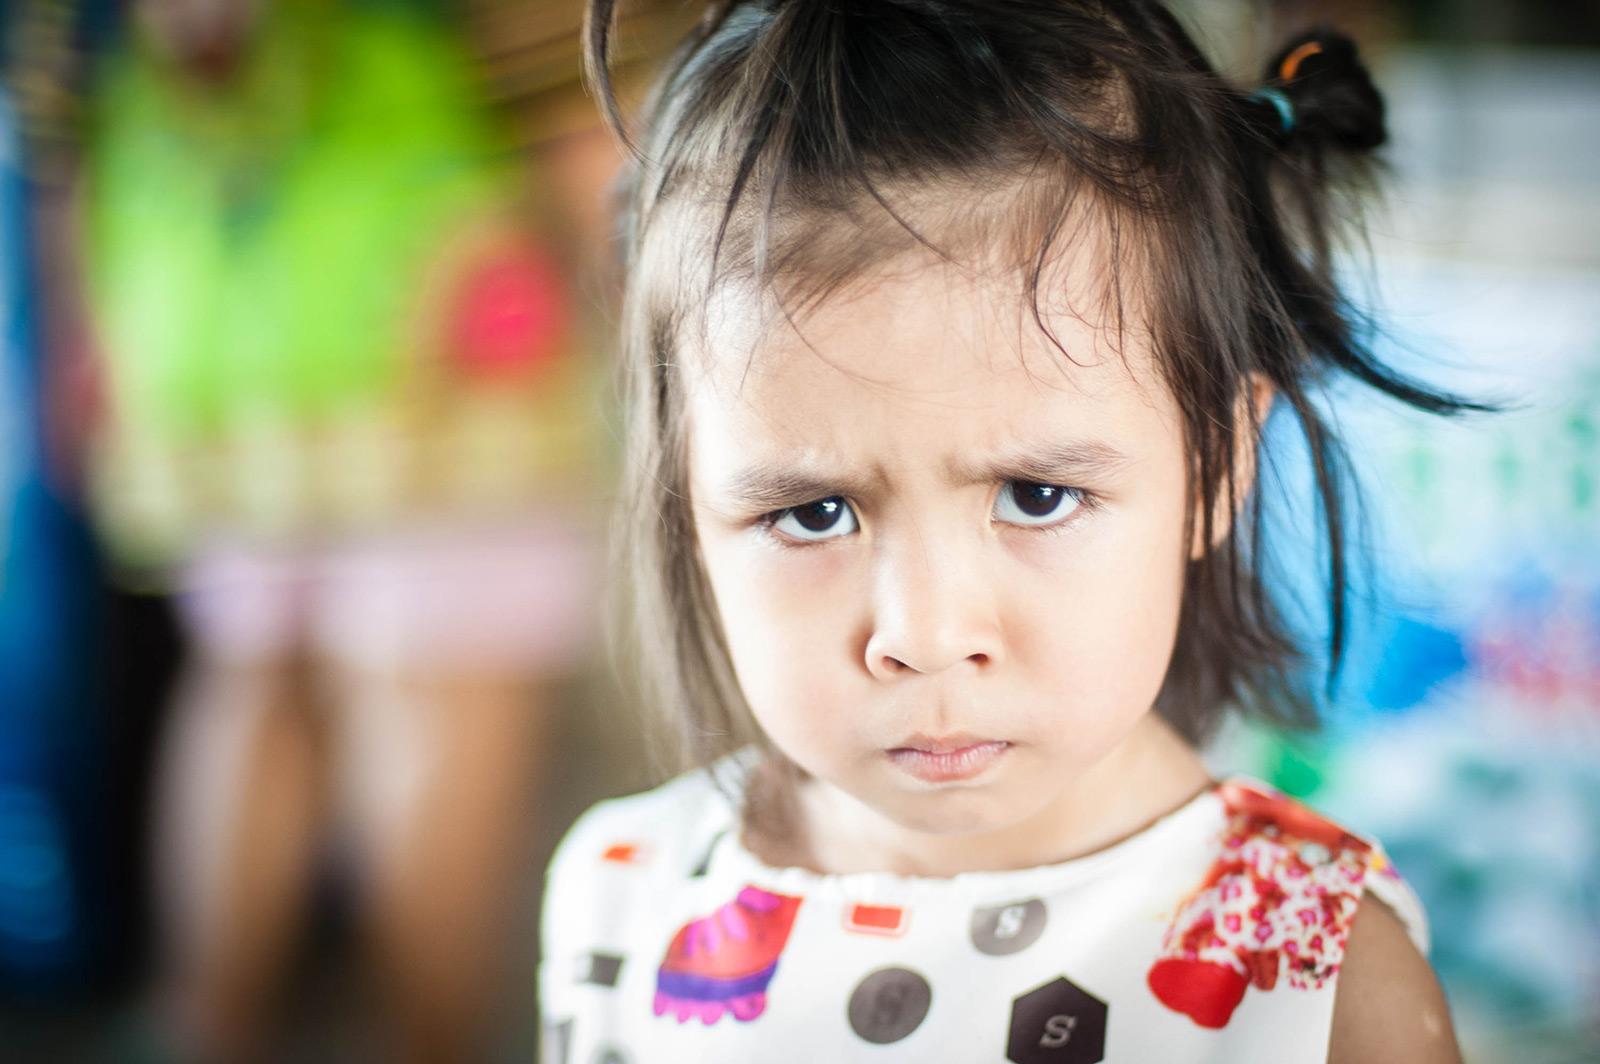 Ruth Karner - Meine Wut, deine Wut